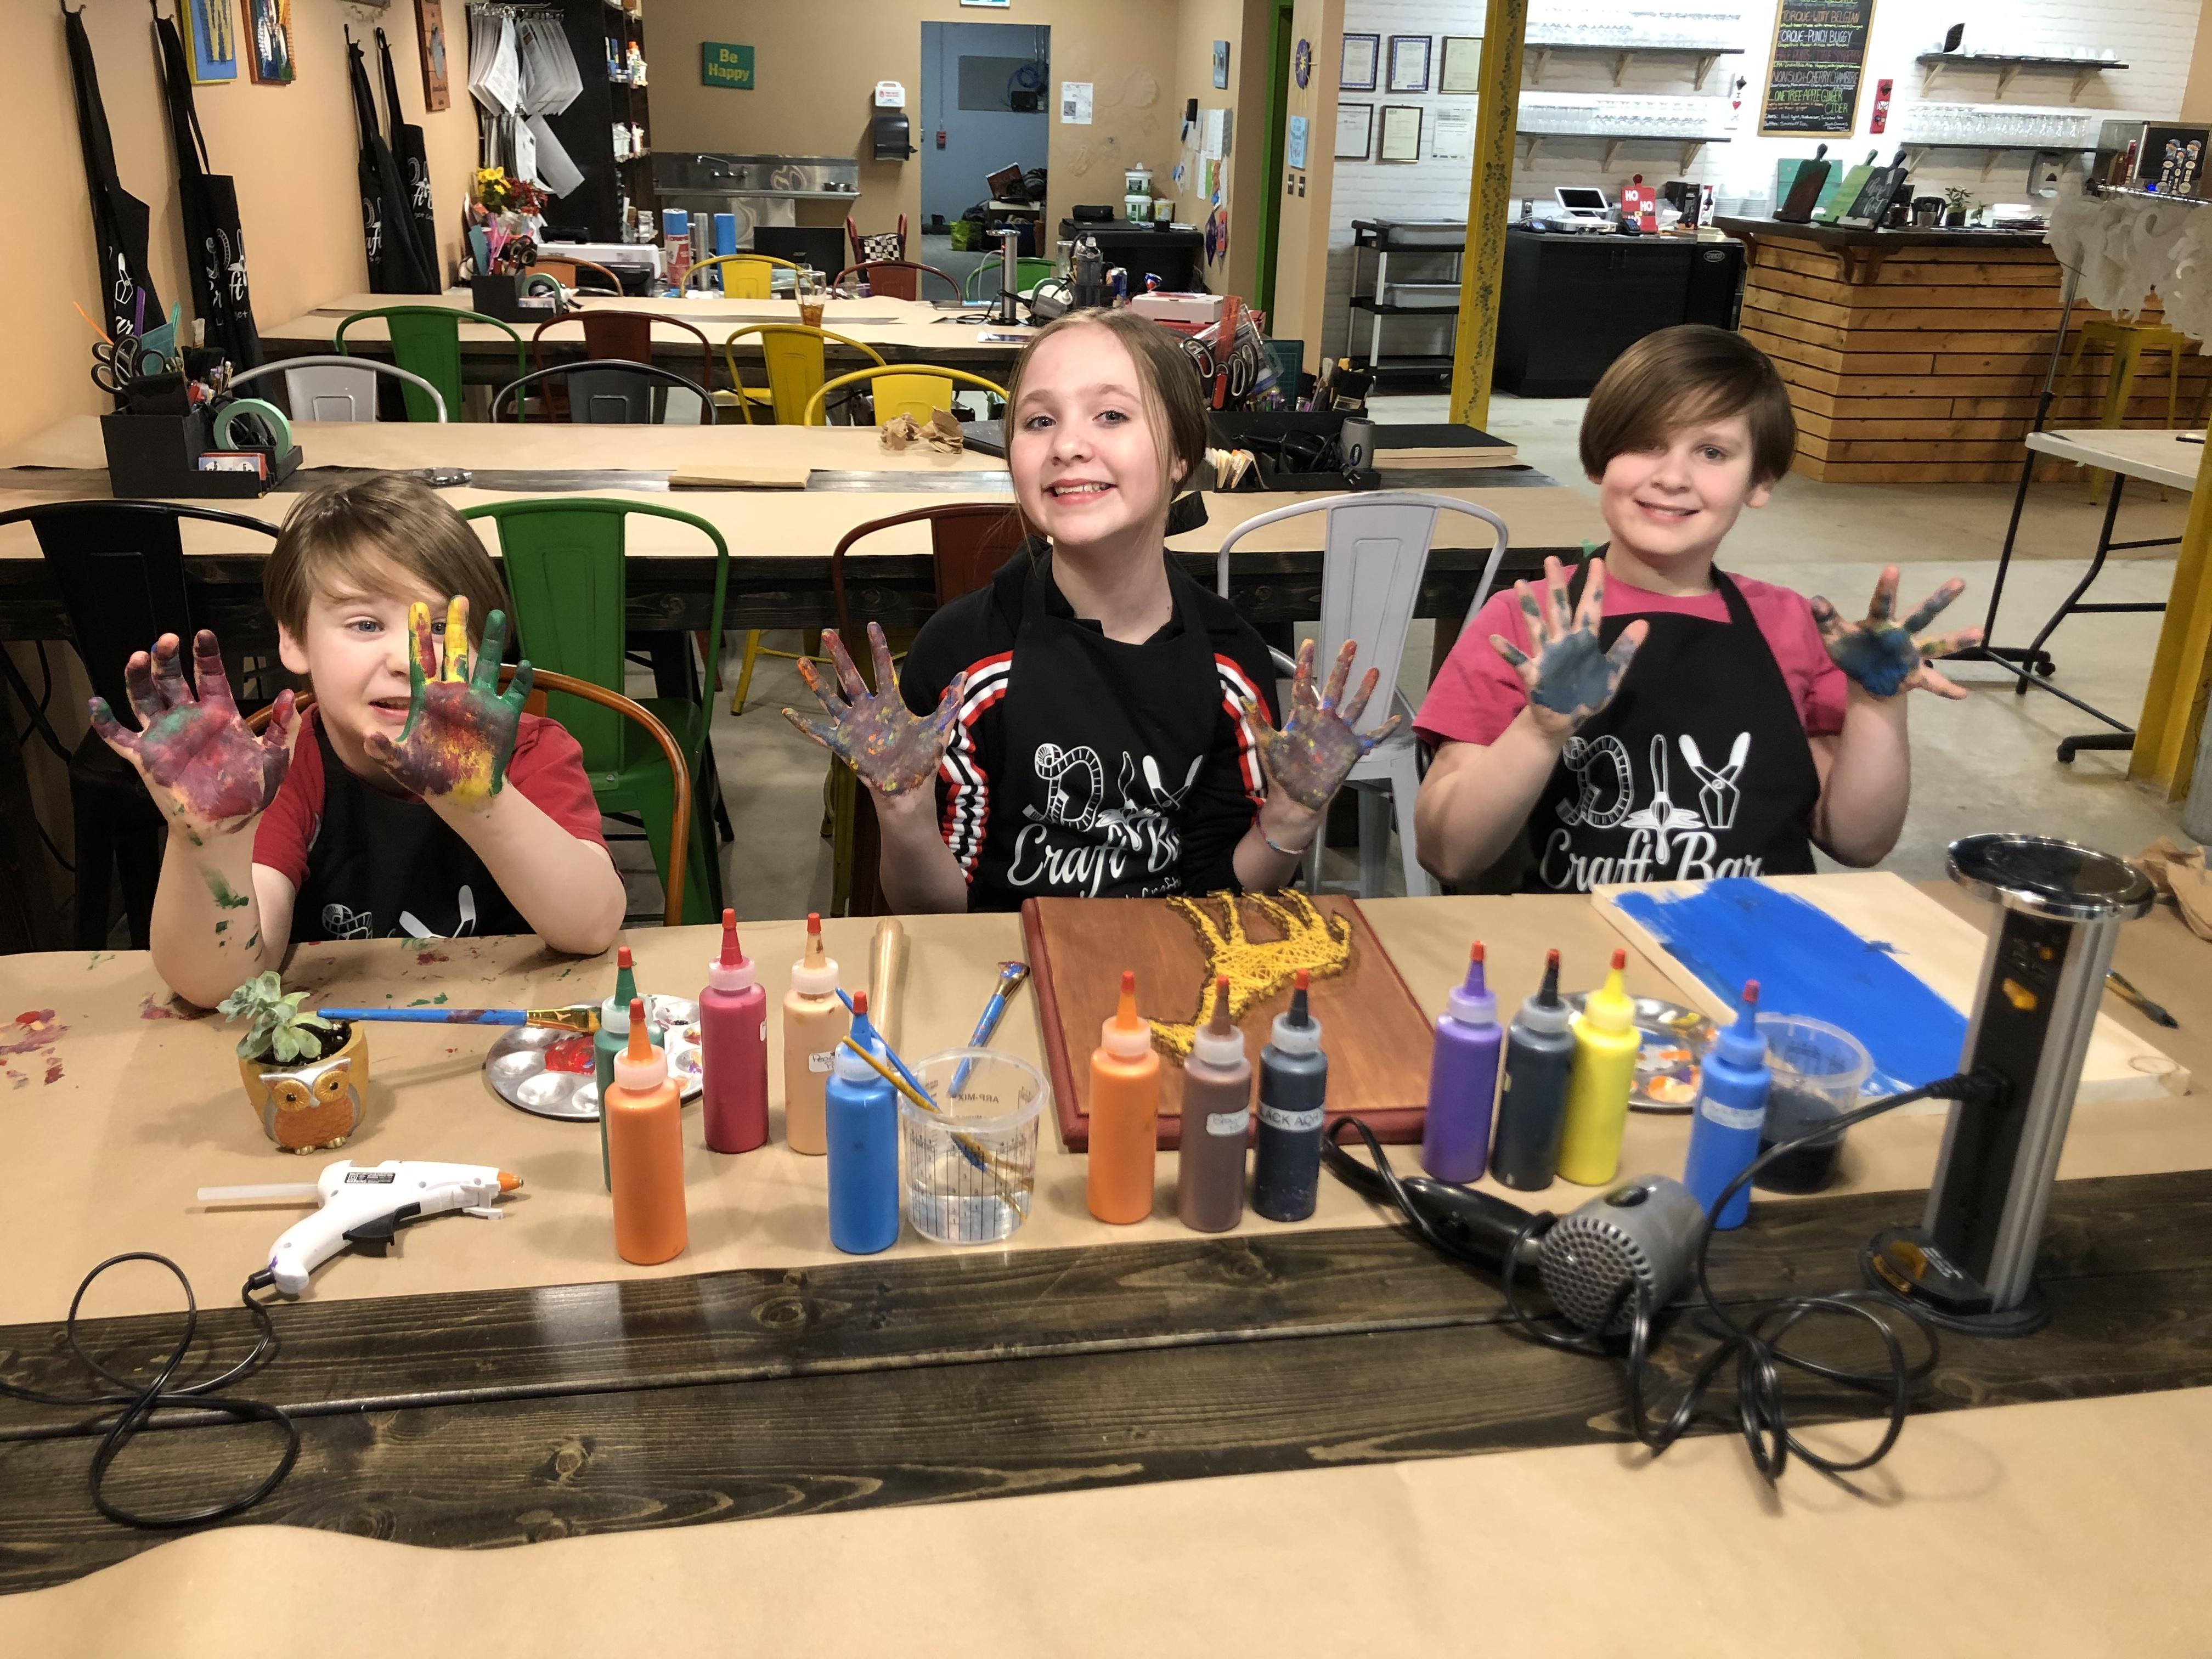 Spring Break Classes at DIY Craft Bar